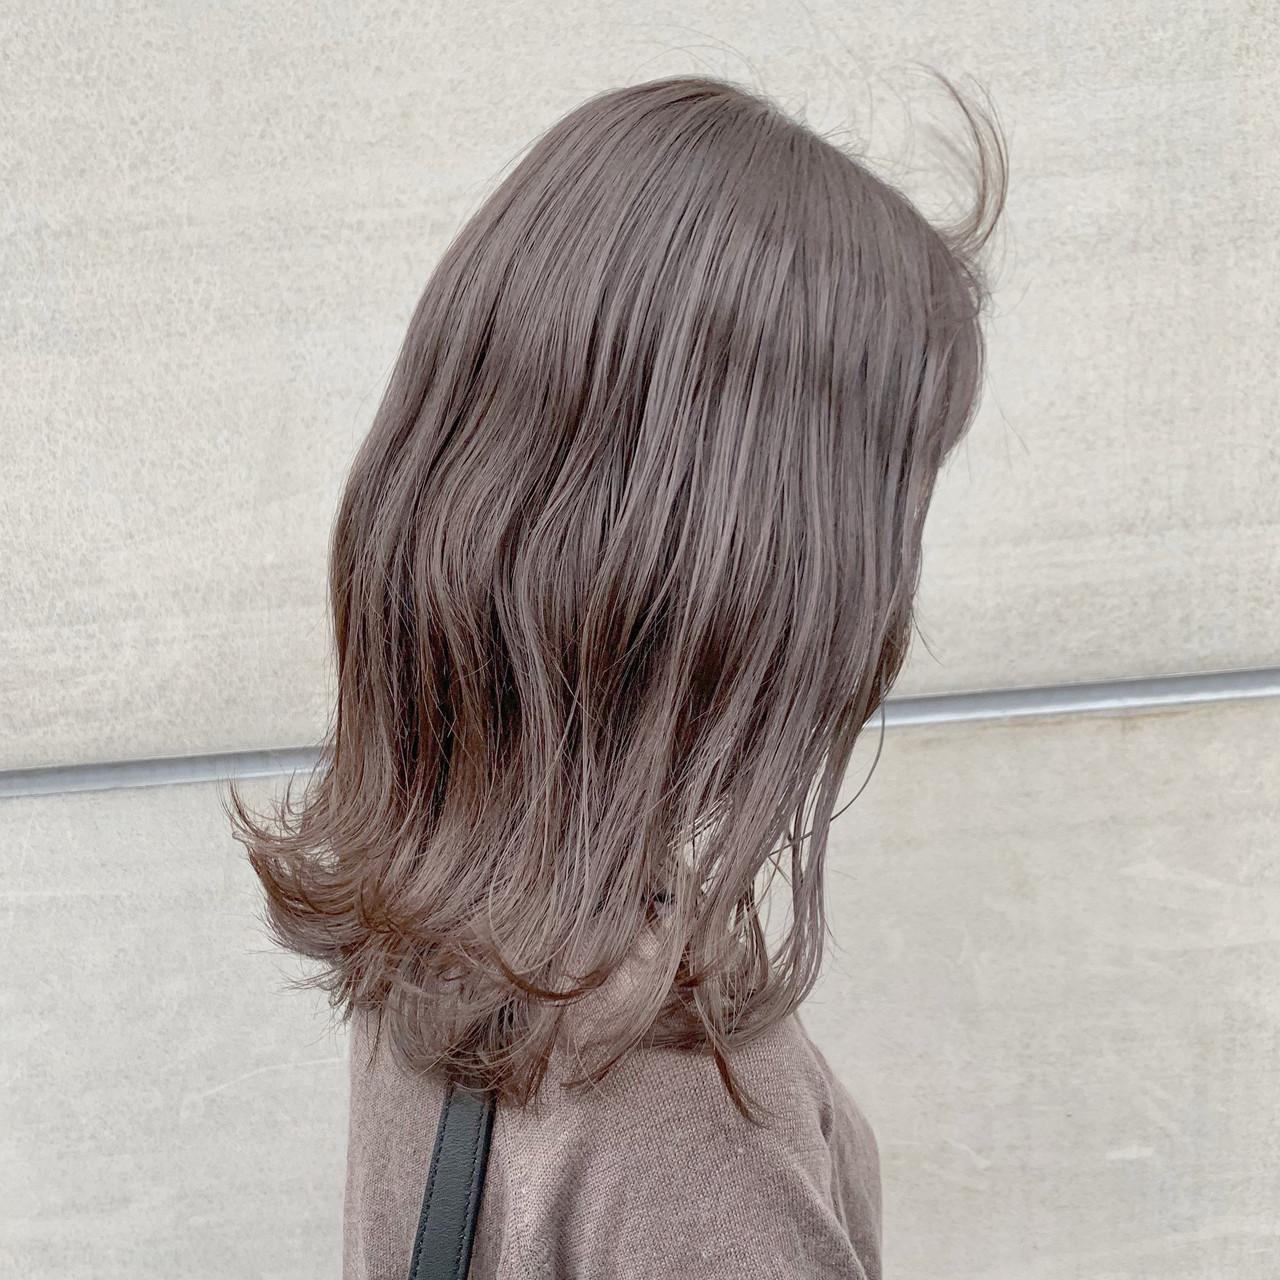 セミロング ピンクベージュ ブリーチなし 透明感カラーヘアスタイルや髪型の写真・画像